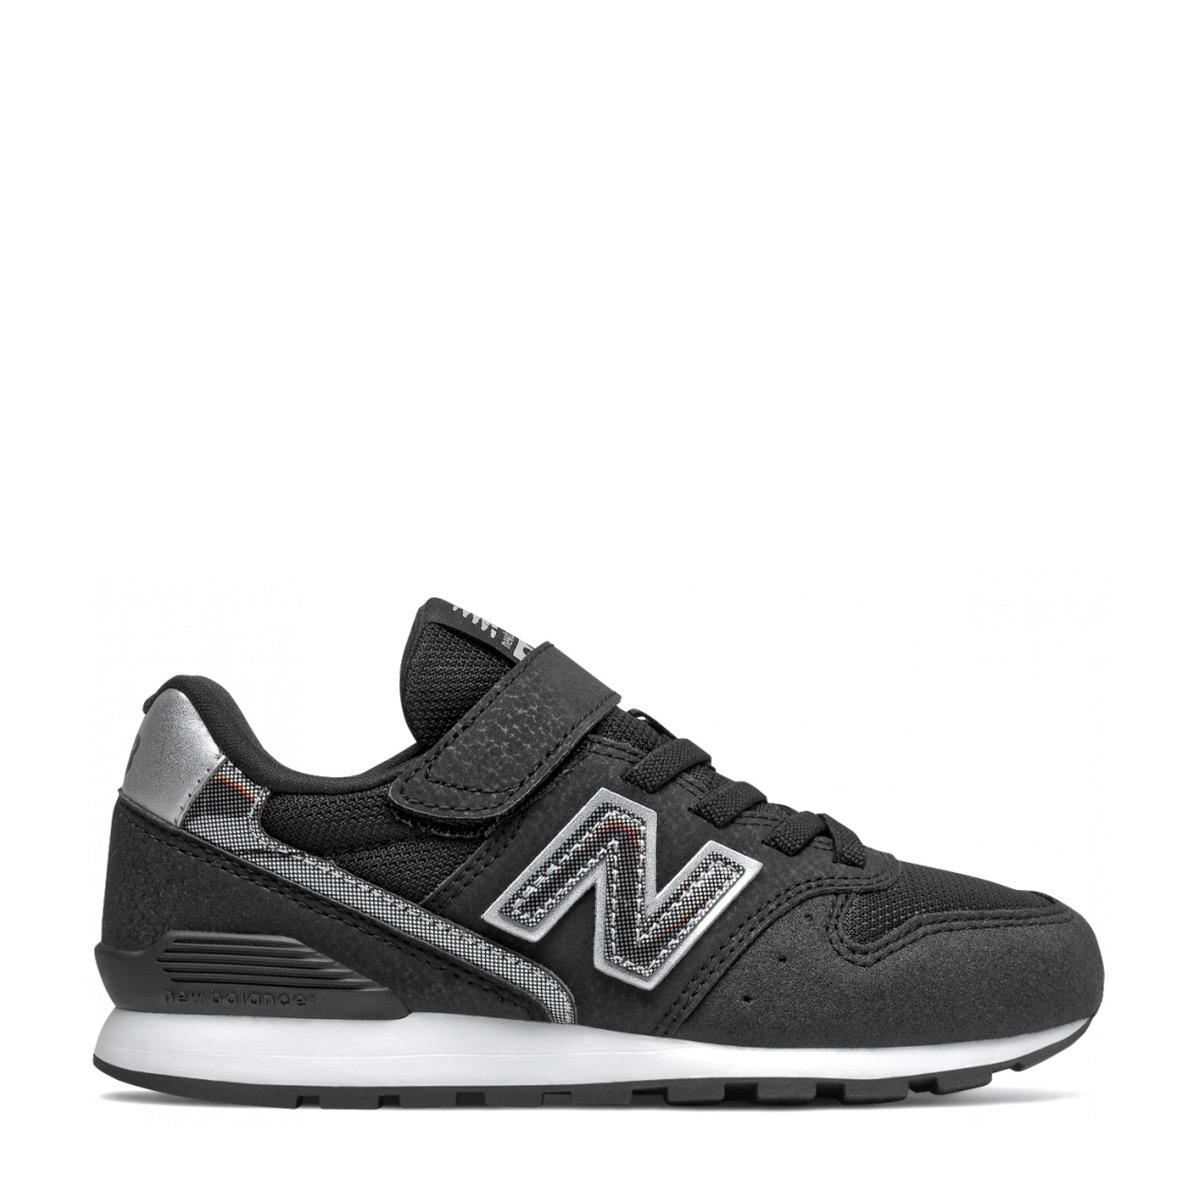 996 new balance noir